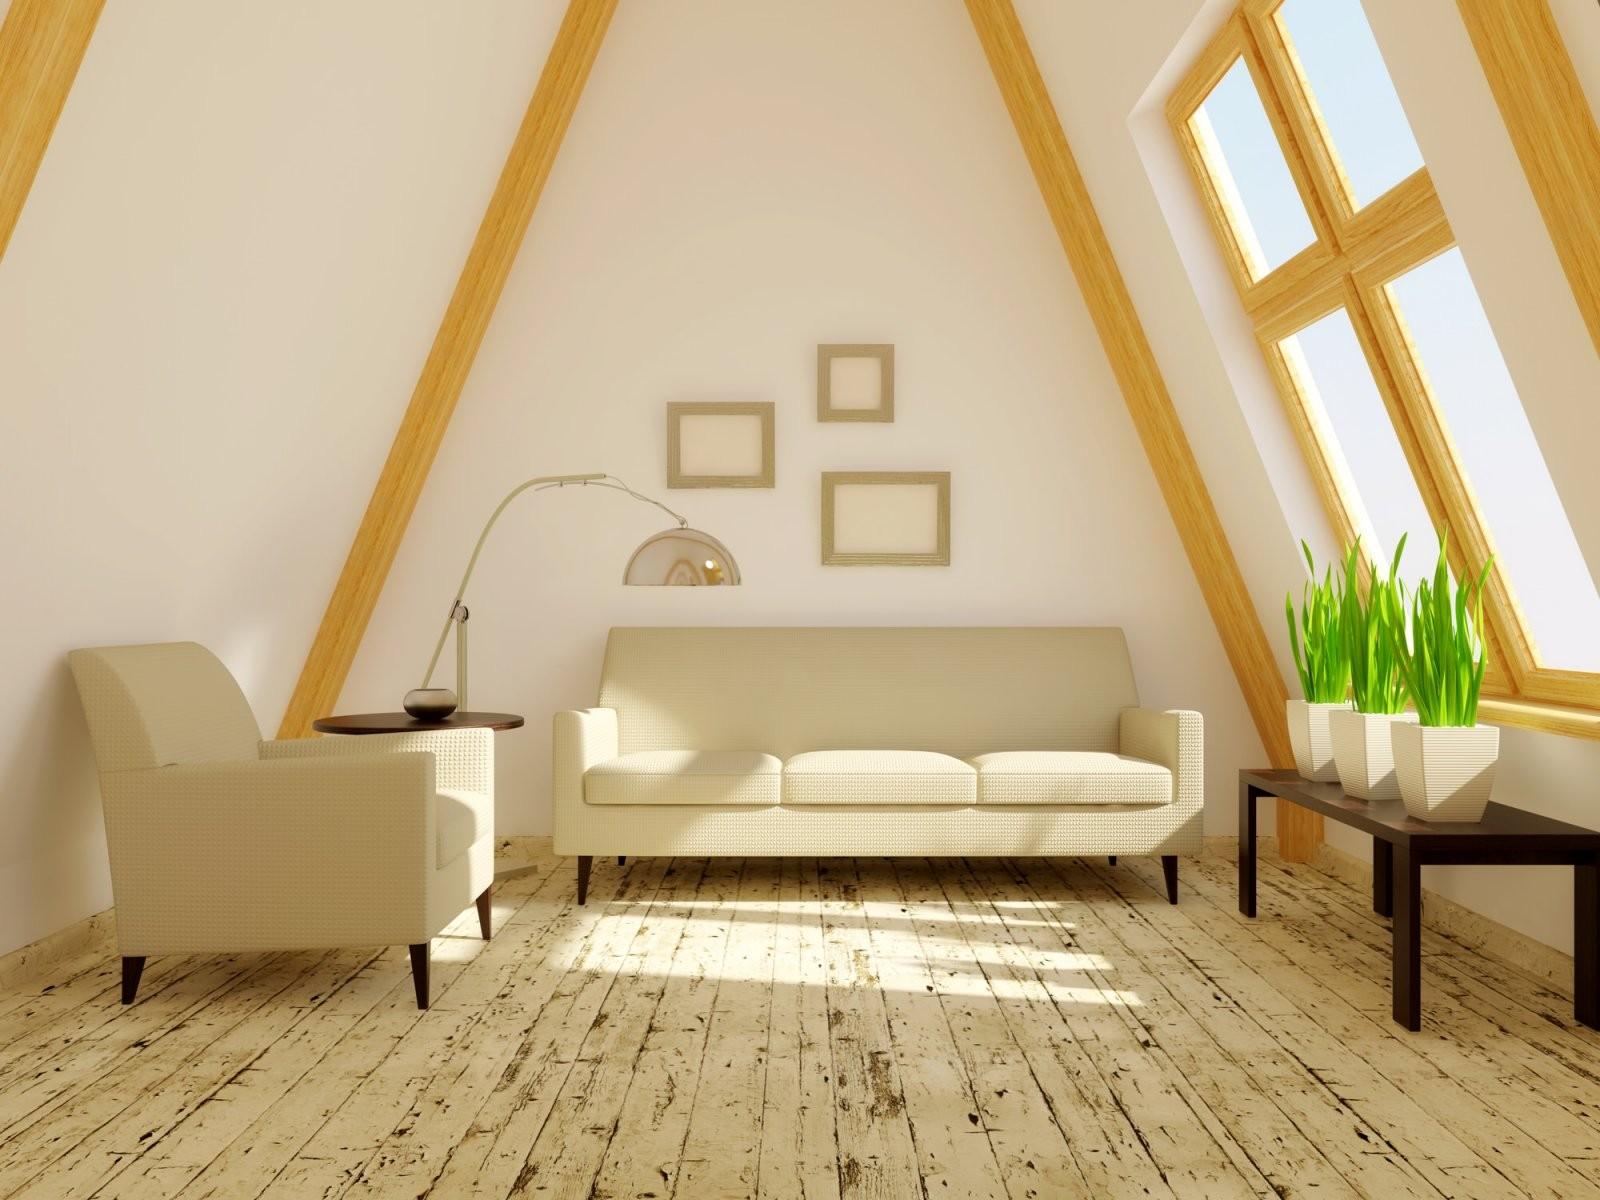 Ganz Schön Schräg 10 Tipps Wie Sie Räume Mit Dachschrägen Stilvoll von Schlafzimmer Mit Dachschräge Farblich Gestalten Photo